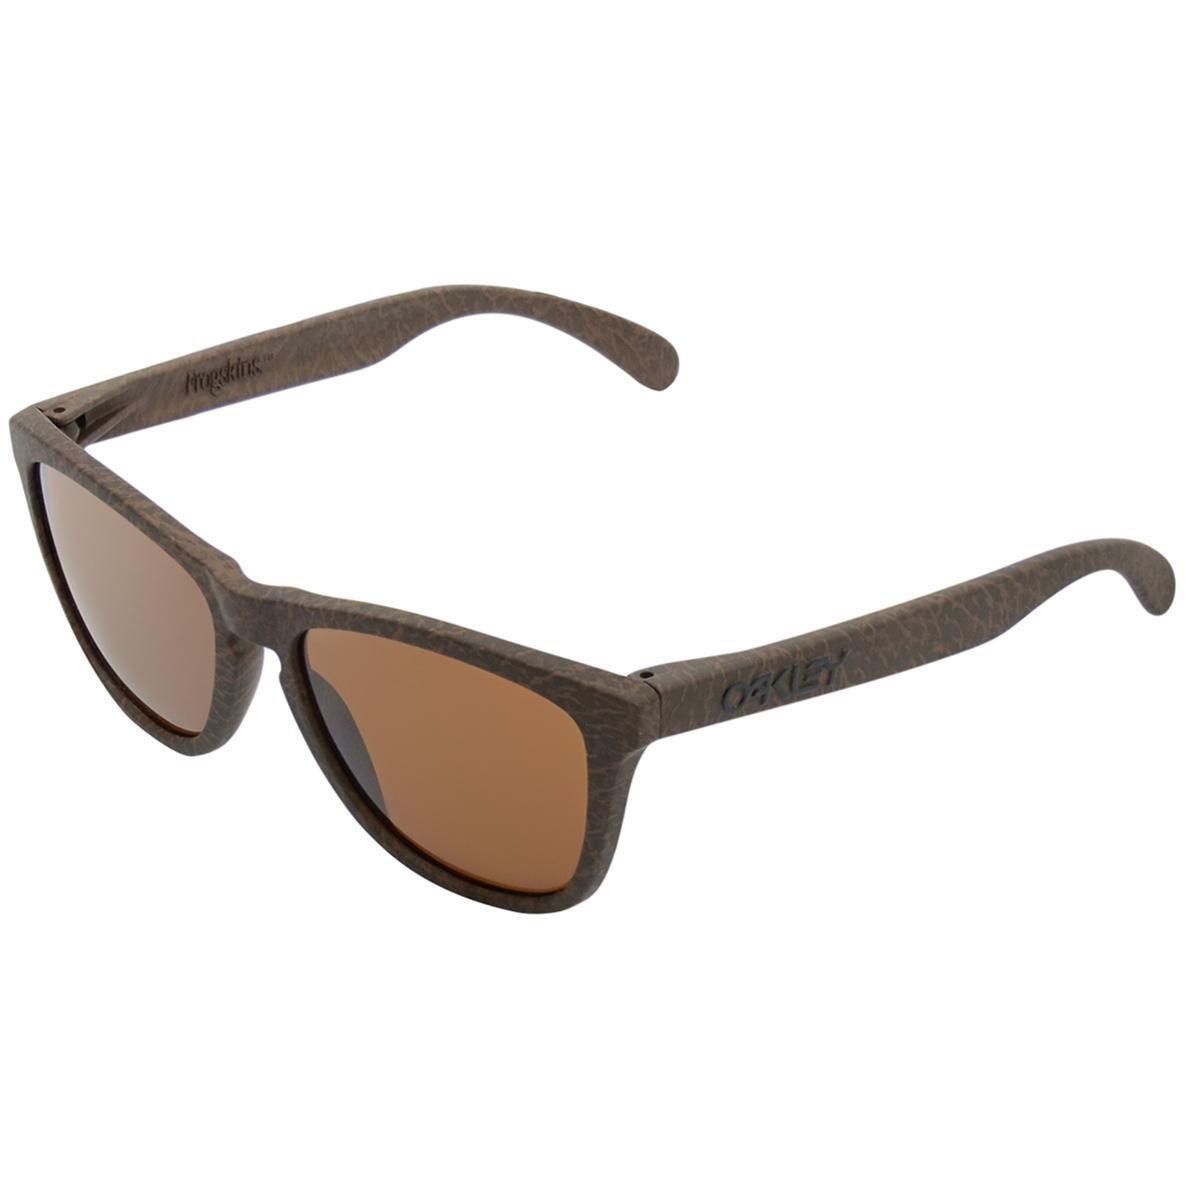 73d3470486df7 Óculos Oakley Frogskins - Compre Agora